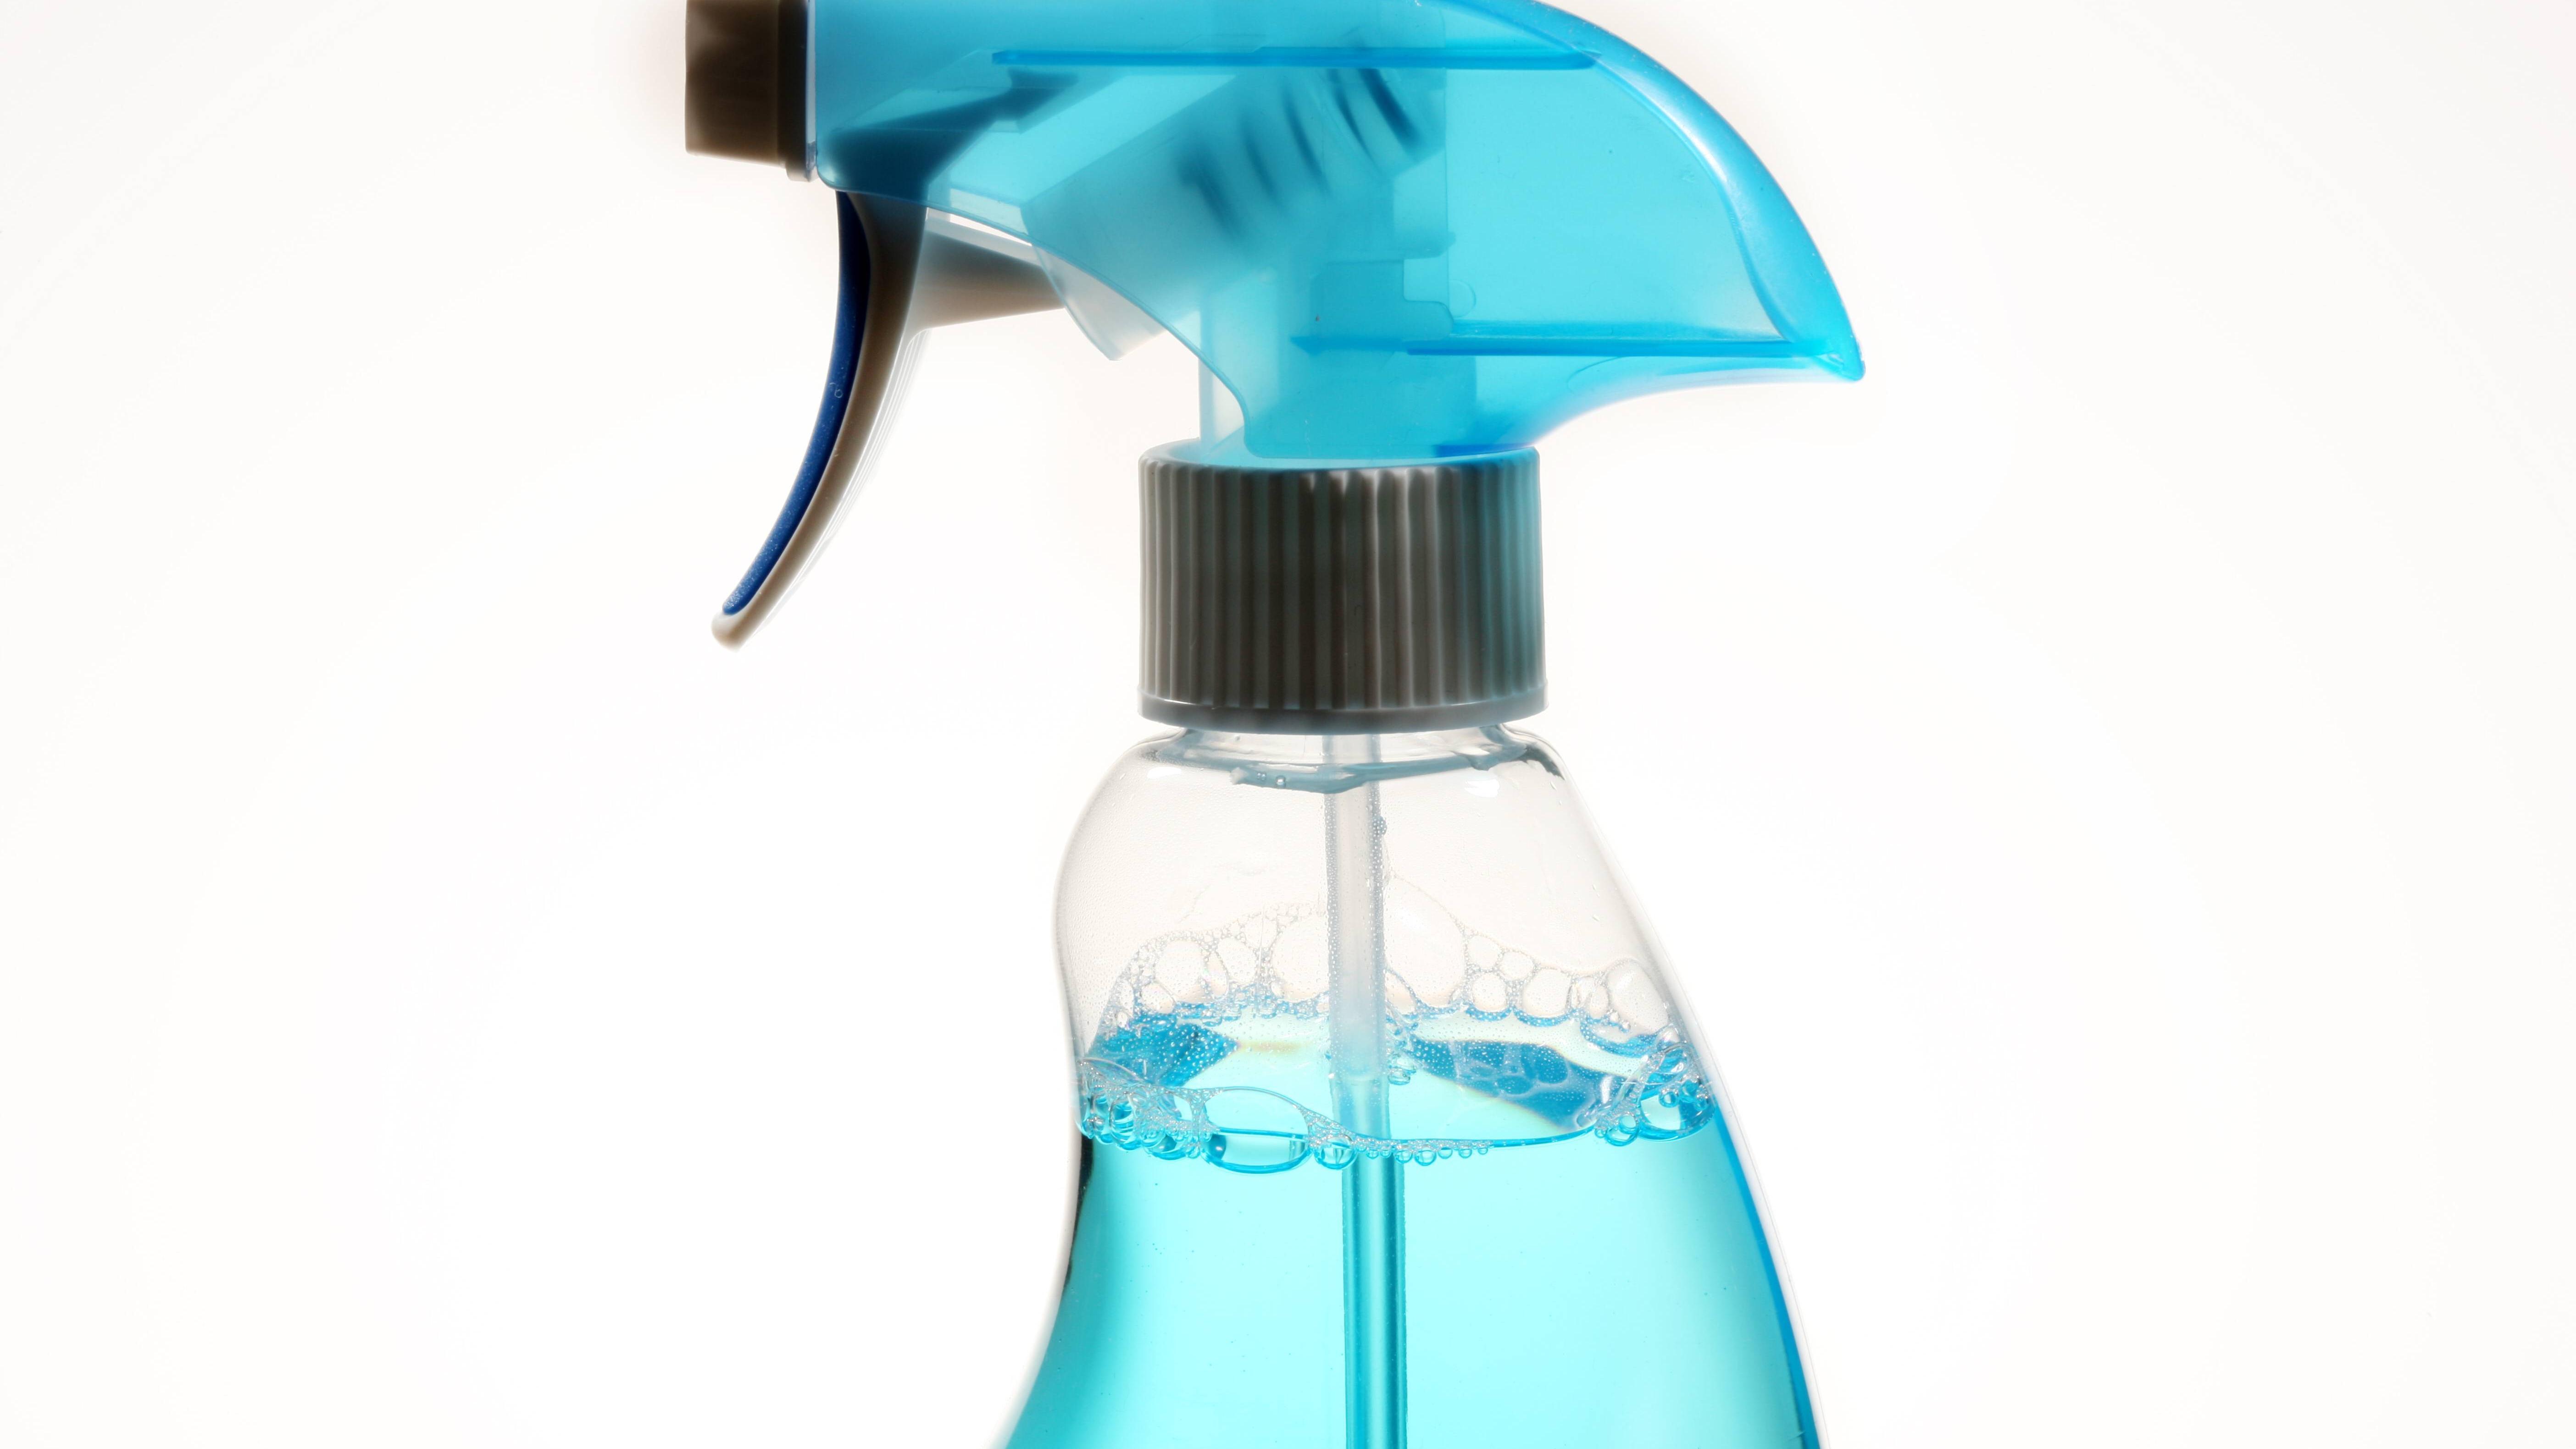 Seifenreste entfernen: Reinigungsmittel lassen sich leicht selber machen